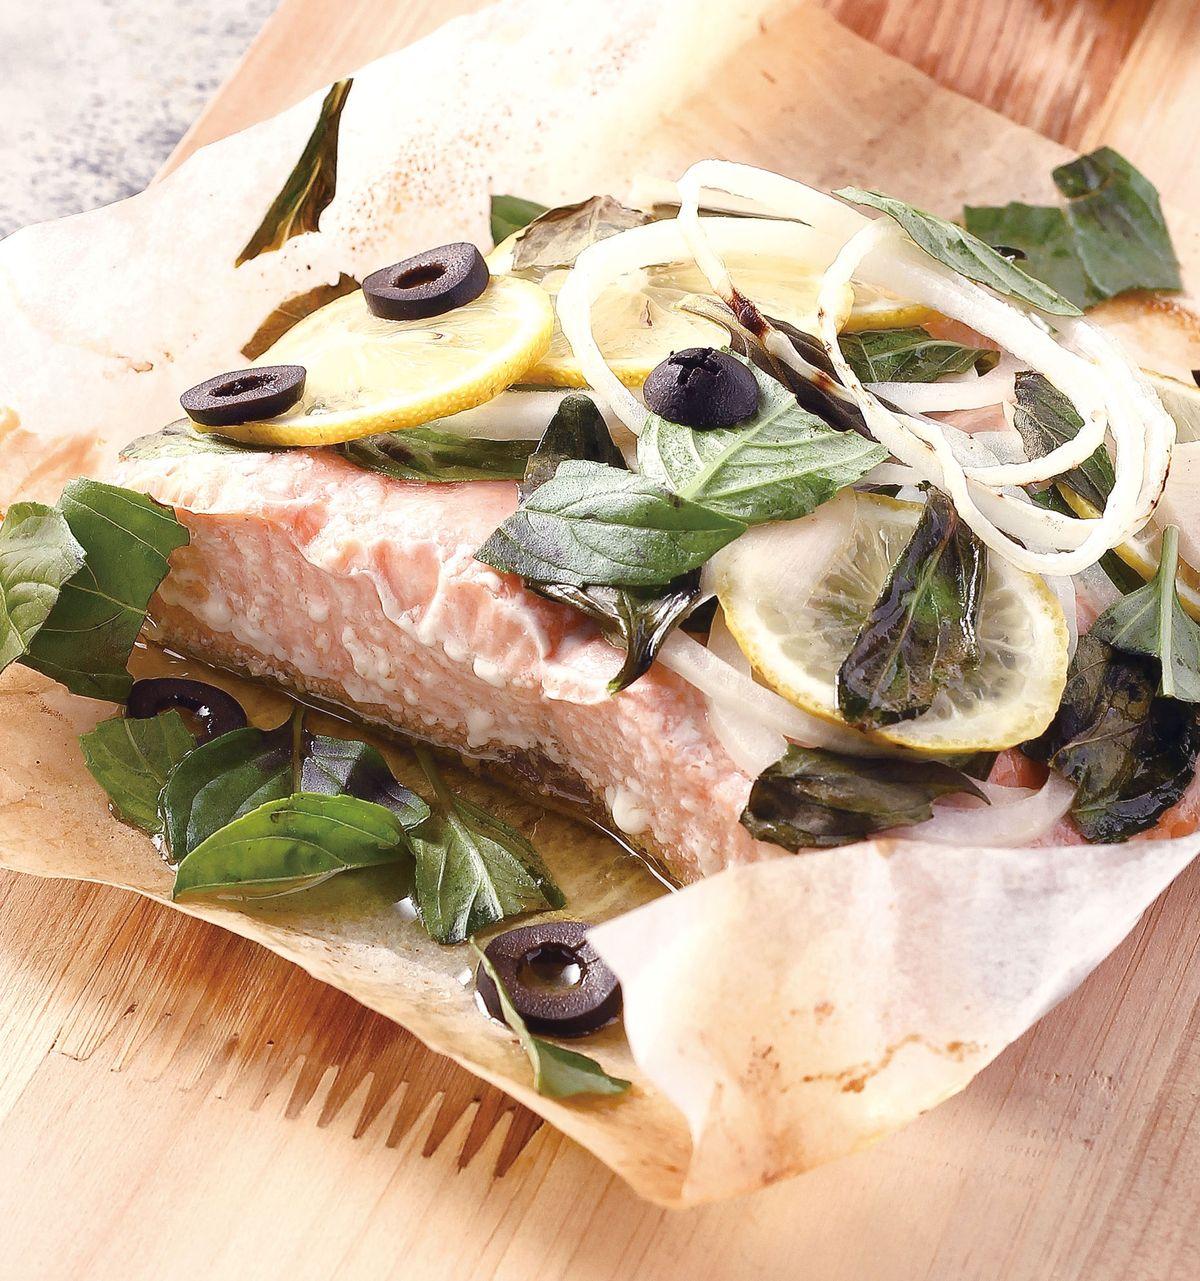 食譜:黃檸檬羅勒烤鮭魚